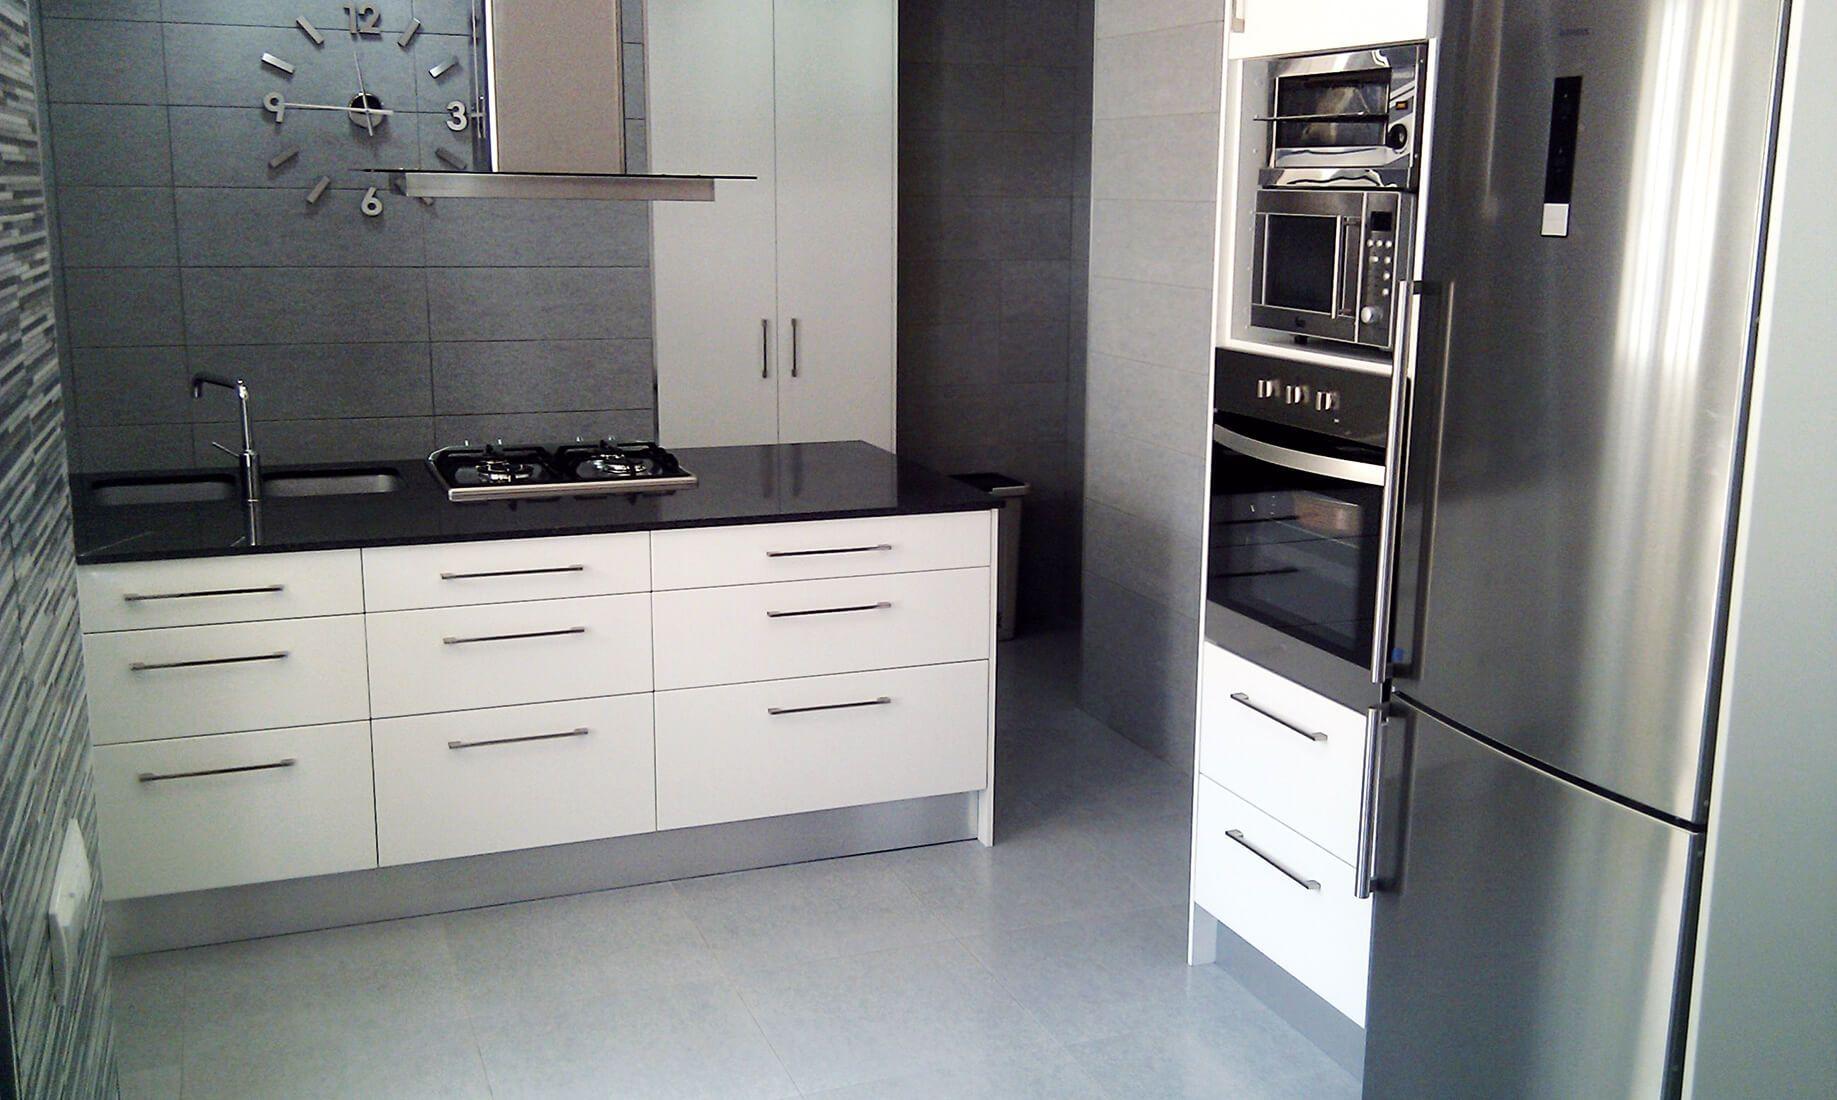 cocina mueble blanco encimera negra granito | Cocinas | Pinterest ...